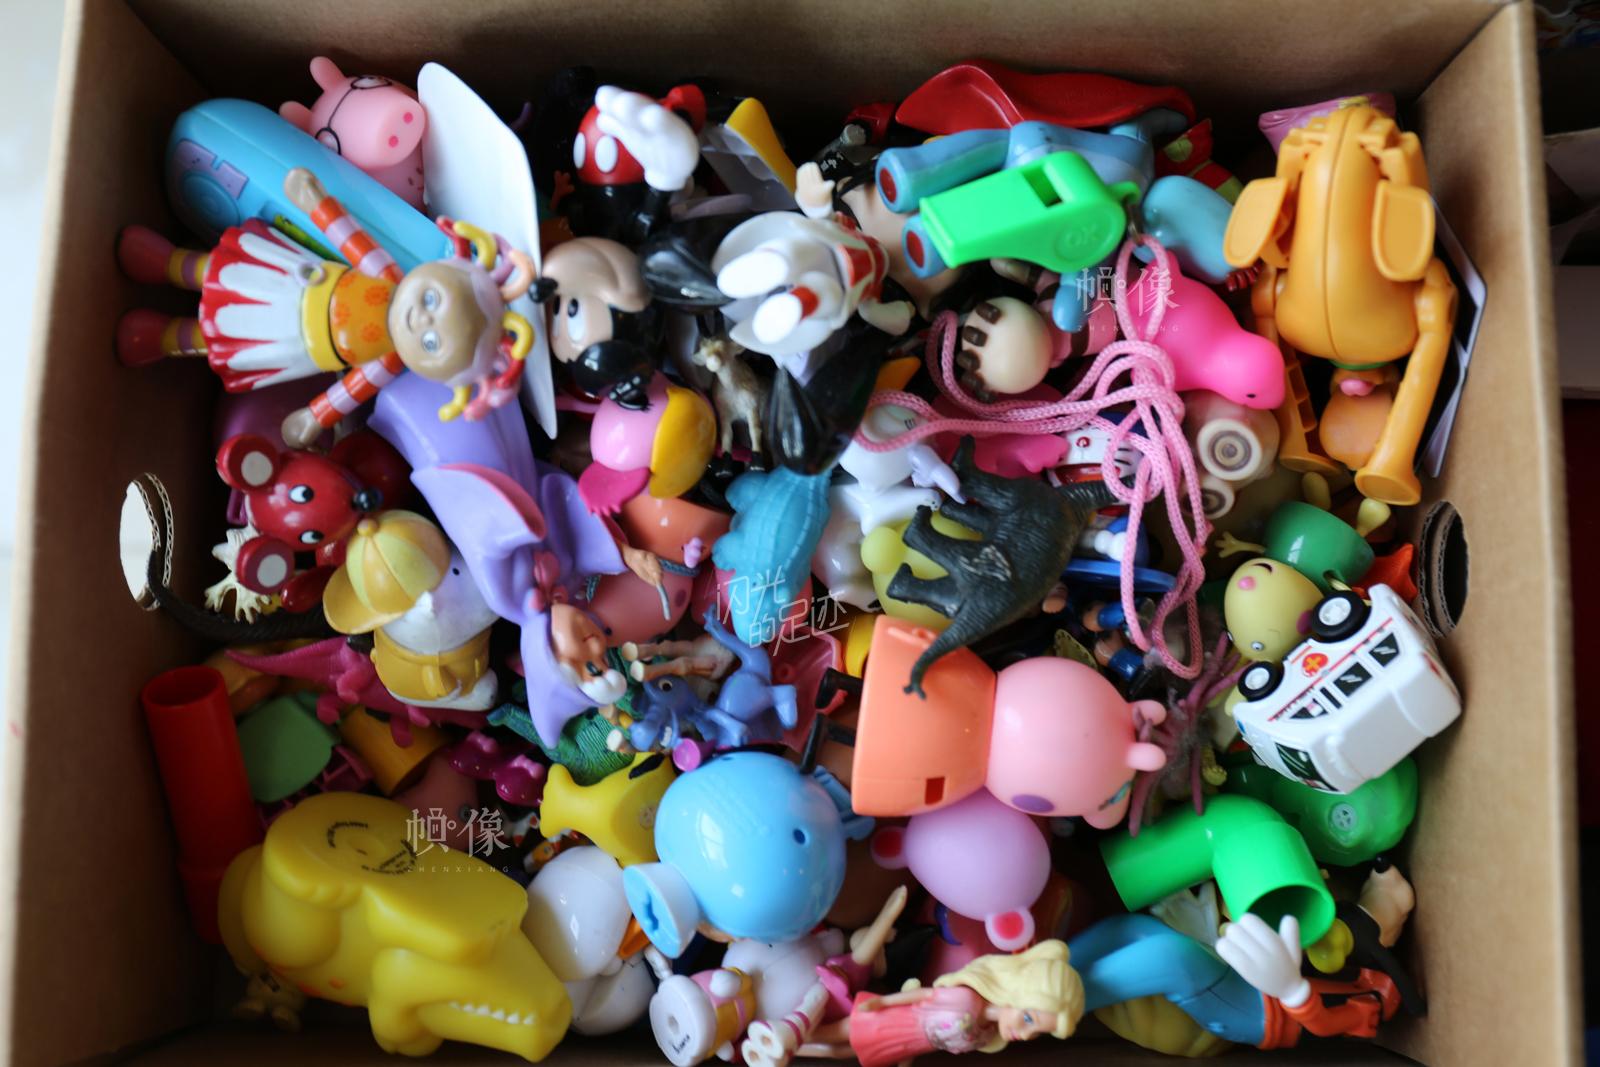 老二宋星延的卧室中有一个箱子装满了玩具,其中不少是姐姐小时候玩过的。 中国网记者 黄富友 摄